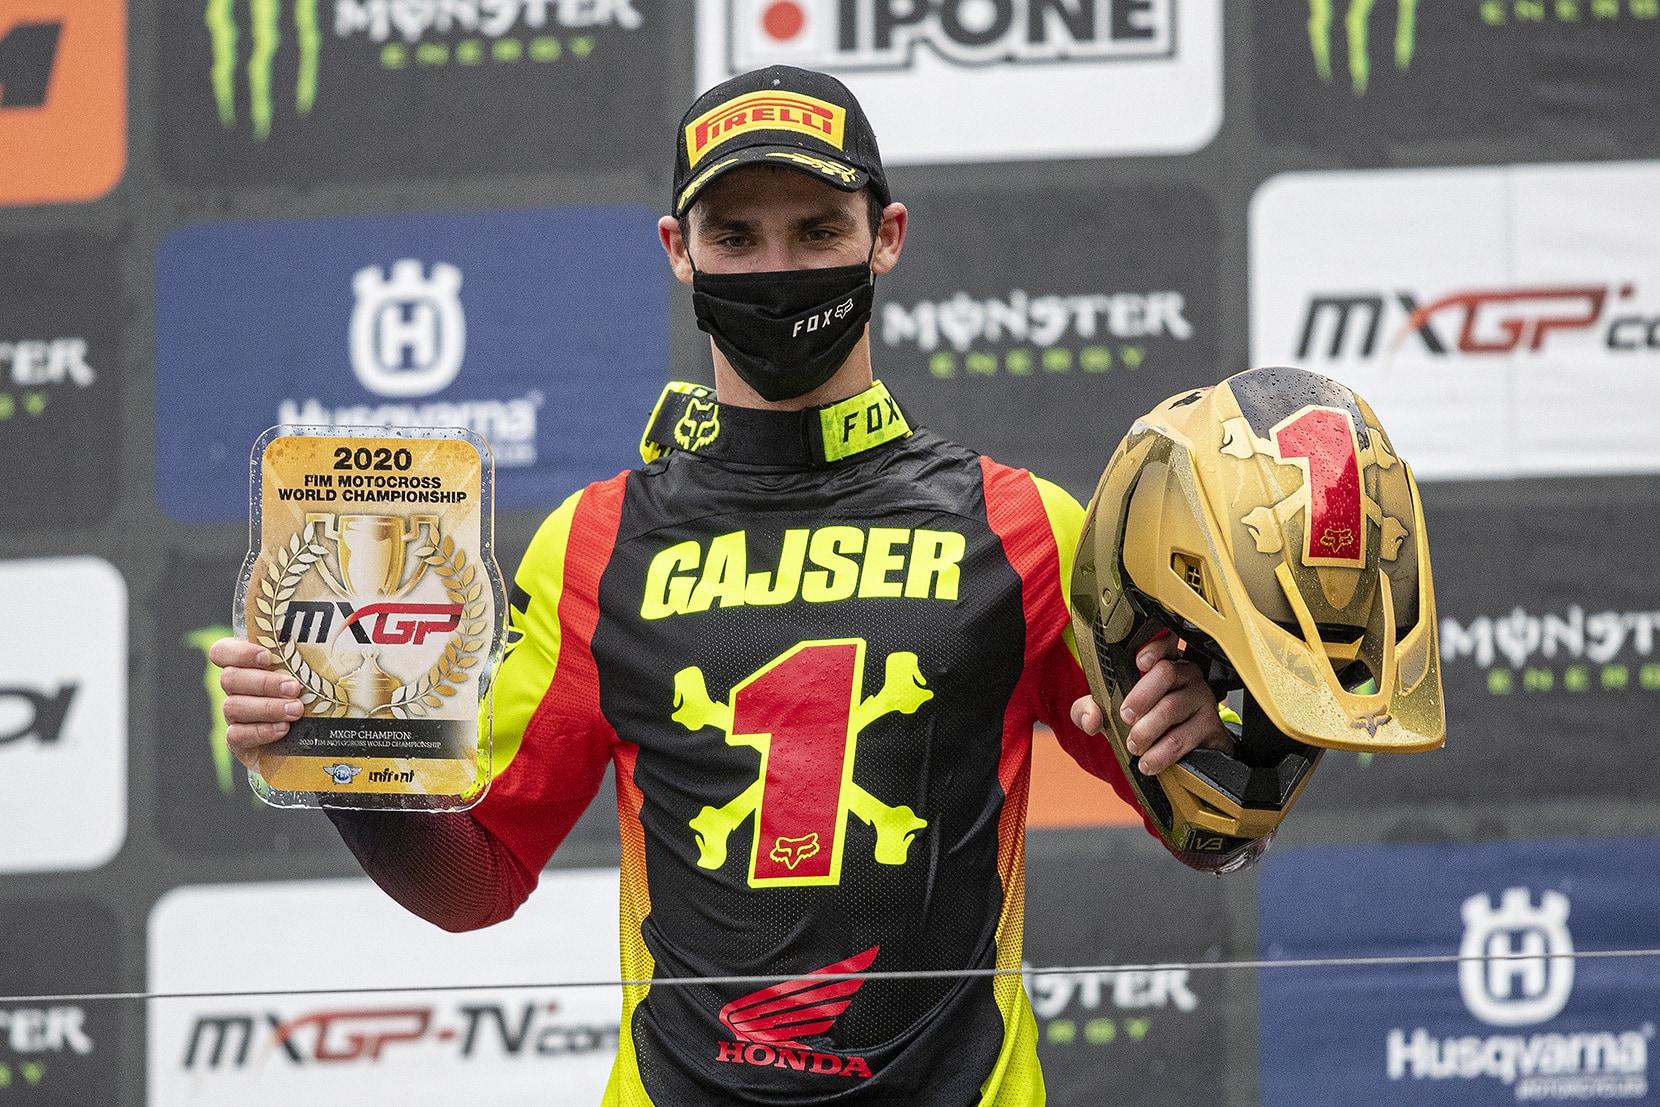 Gajser verteidigt erfolgreich seinen WM-Titel